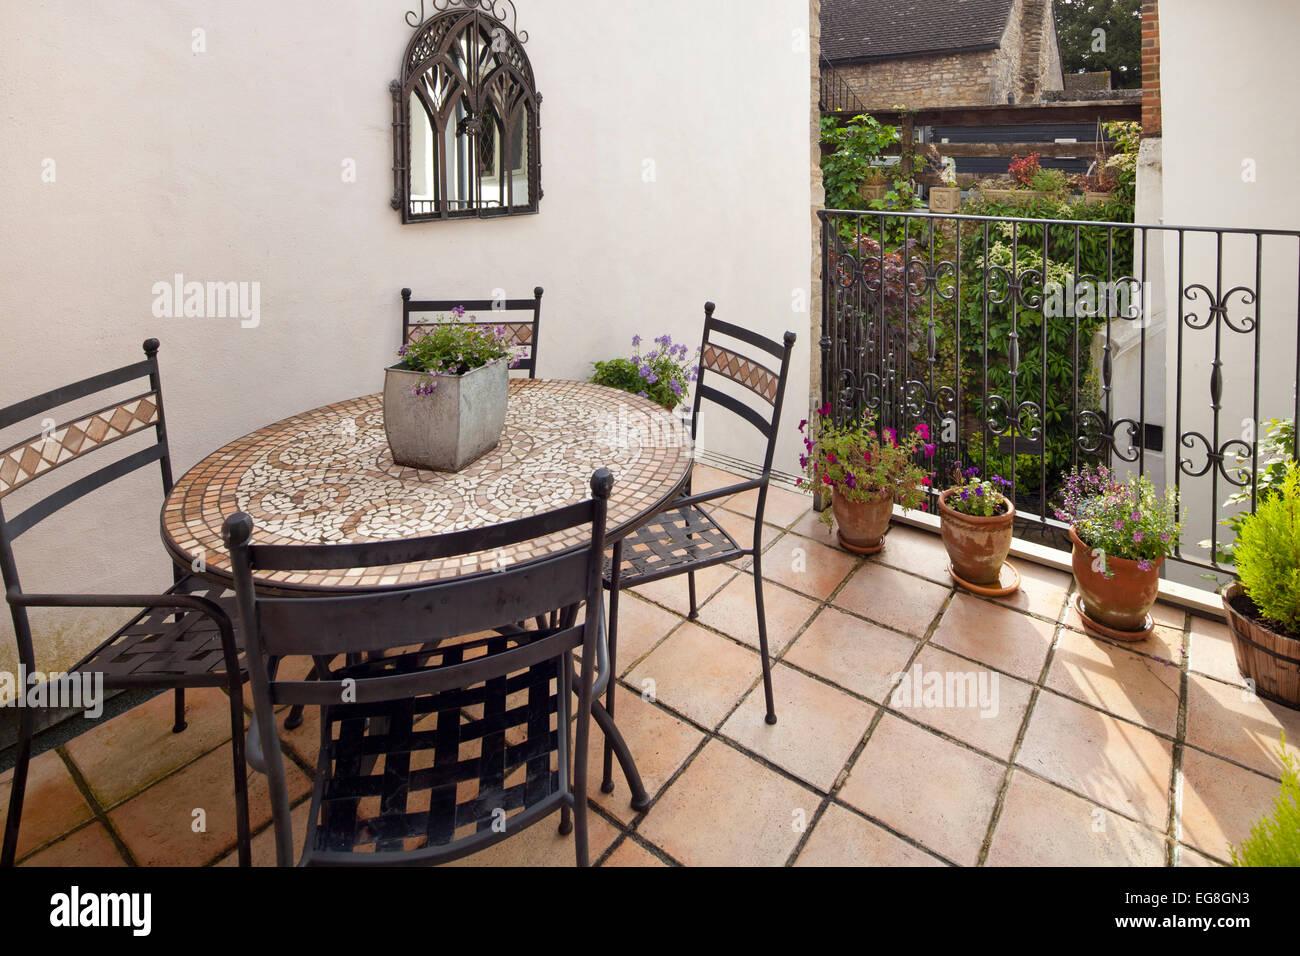 Piccolo balcone con pavimento in piastrelle di terracottapot esterno e posti a sedere di